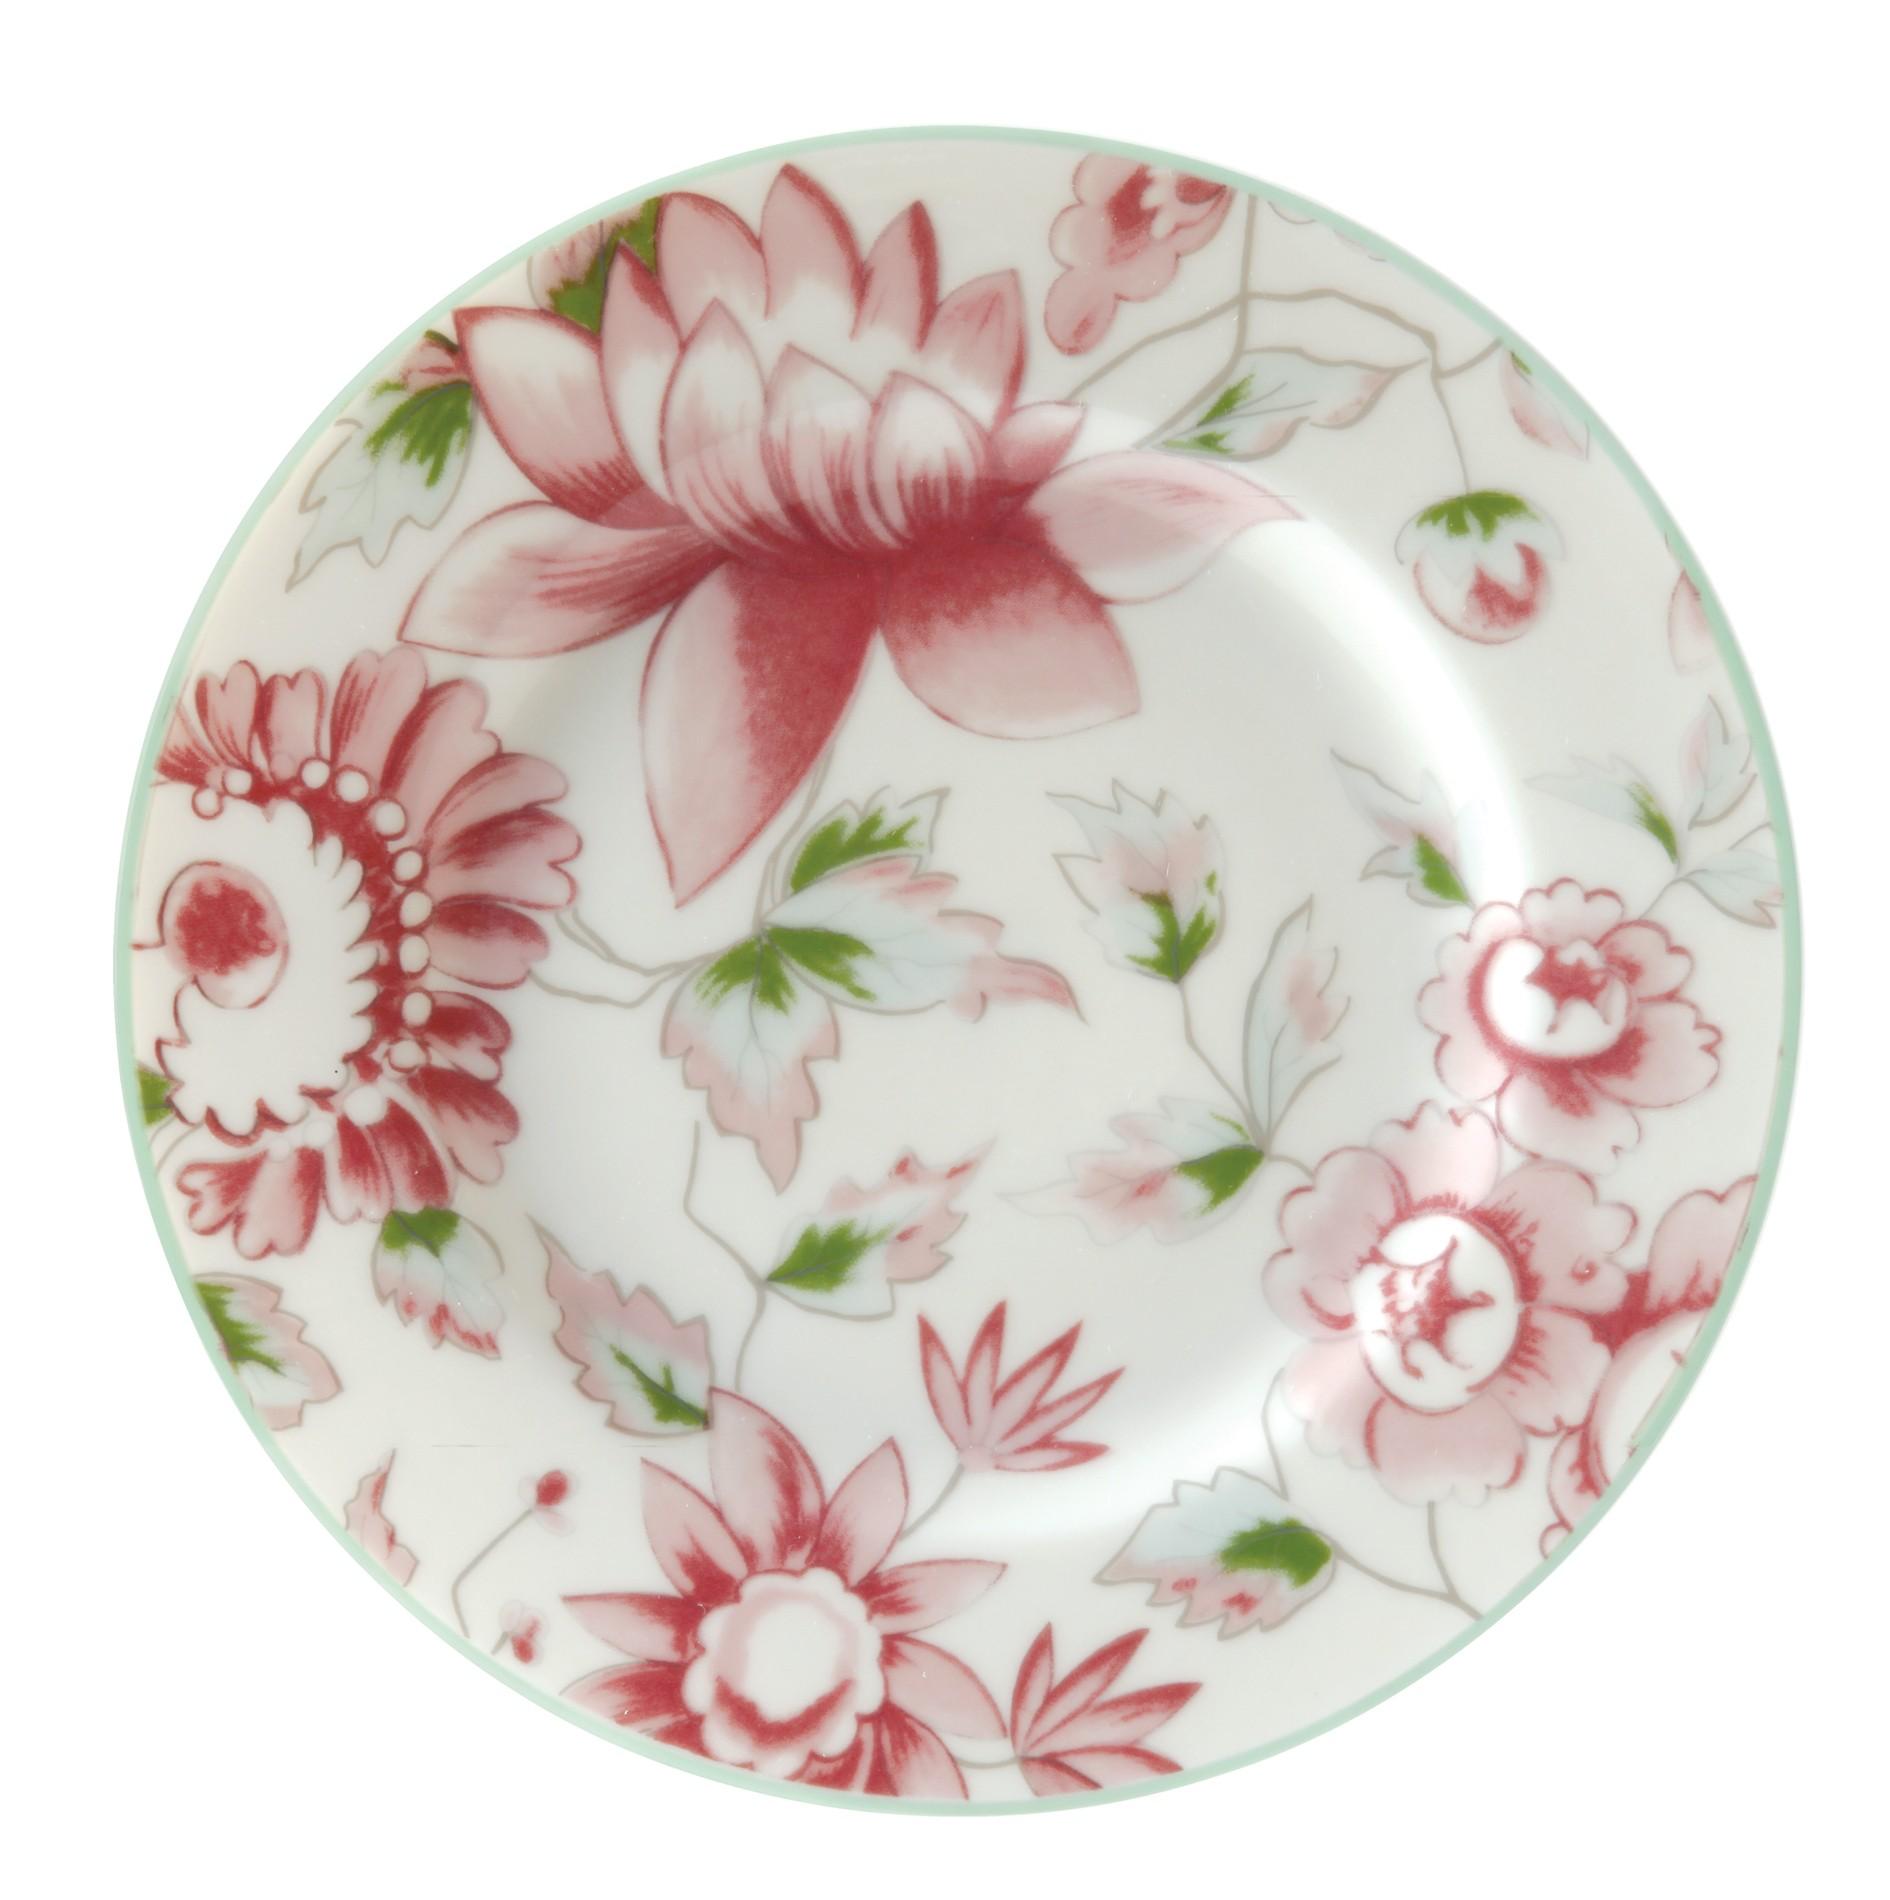 Πιάτο Ρηχό Σετ 6Τμχ Provence 27cm Ionia home   ειδη σερβιρισματος   πιάτα